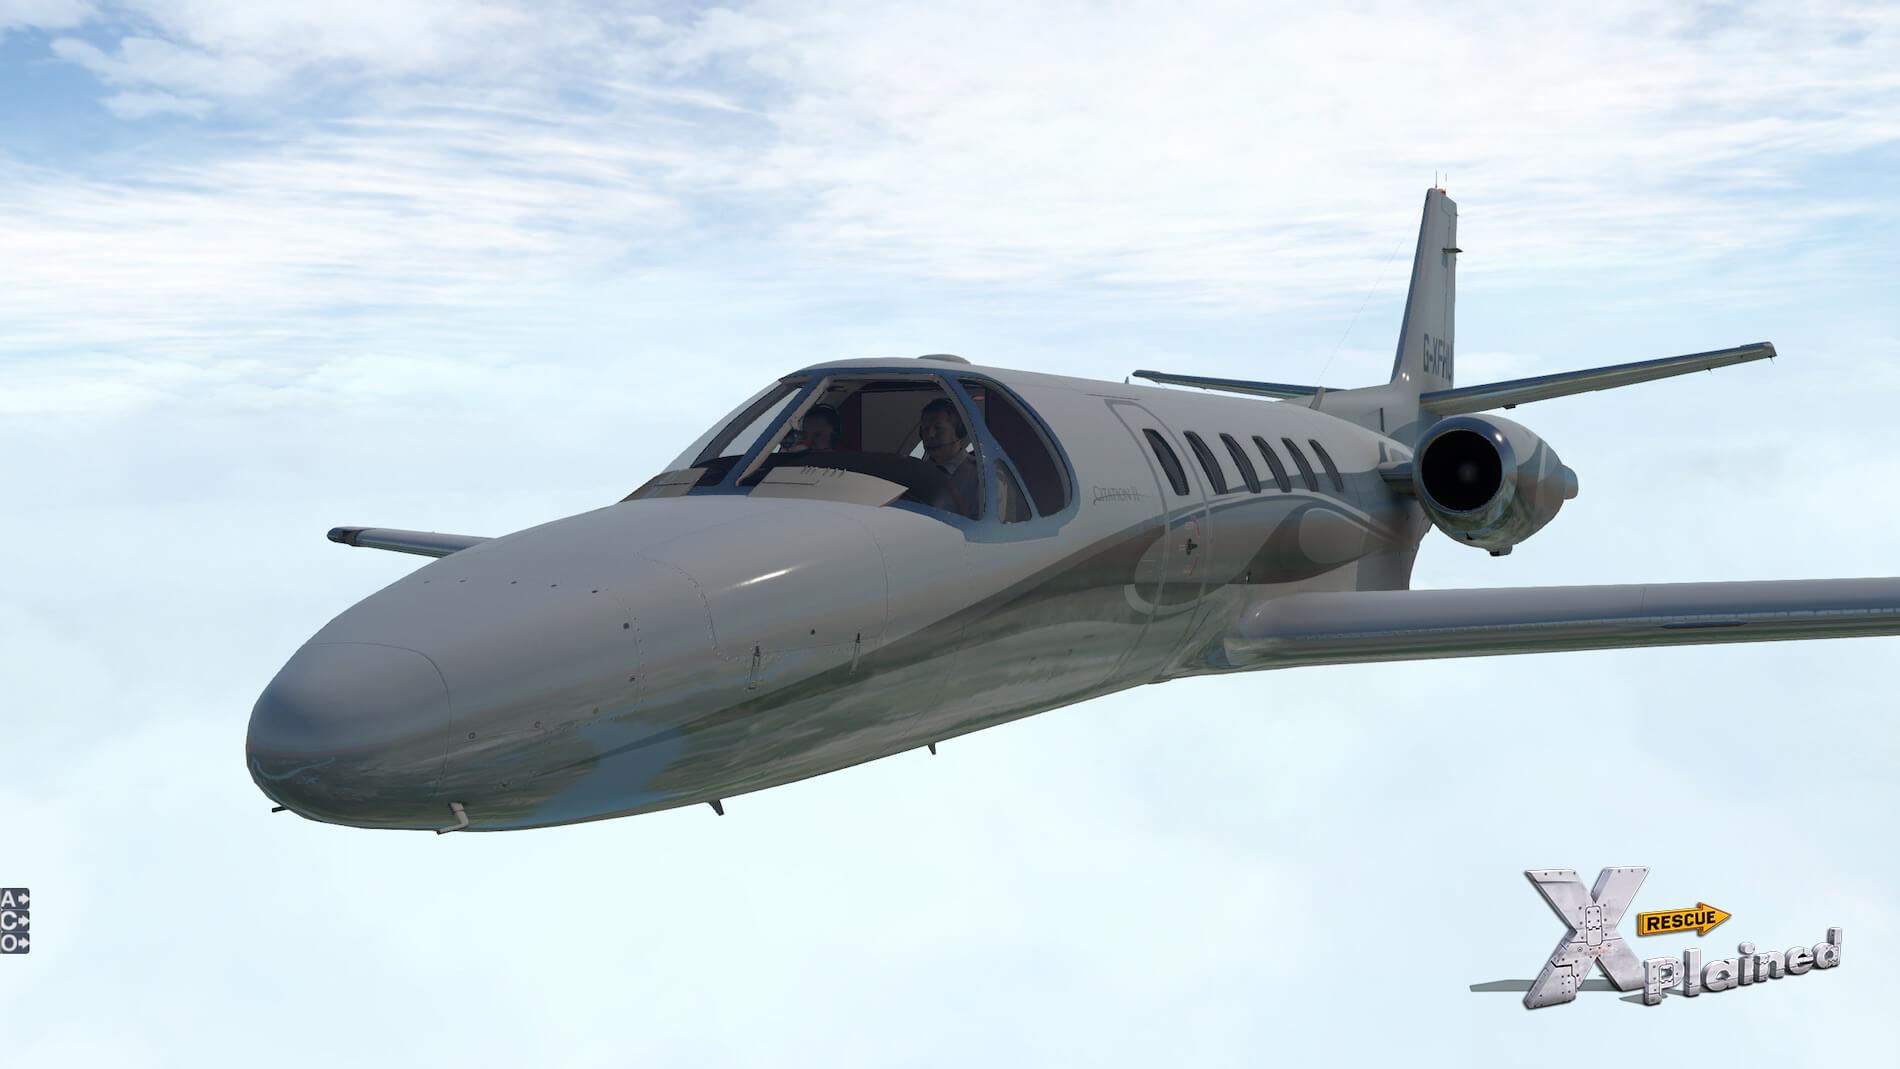 S550_Citation_II_5